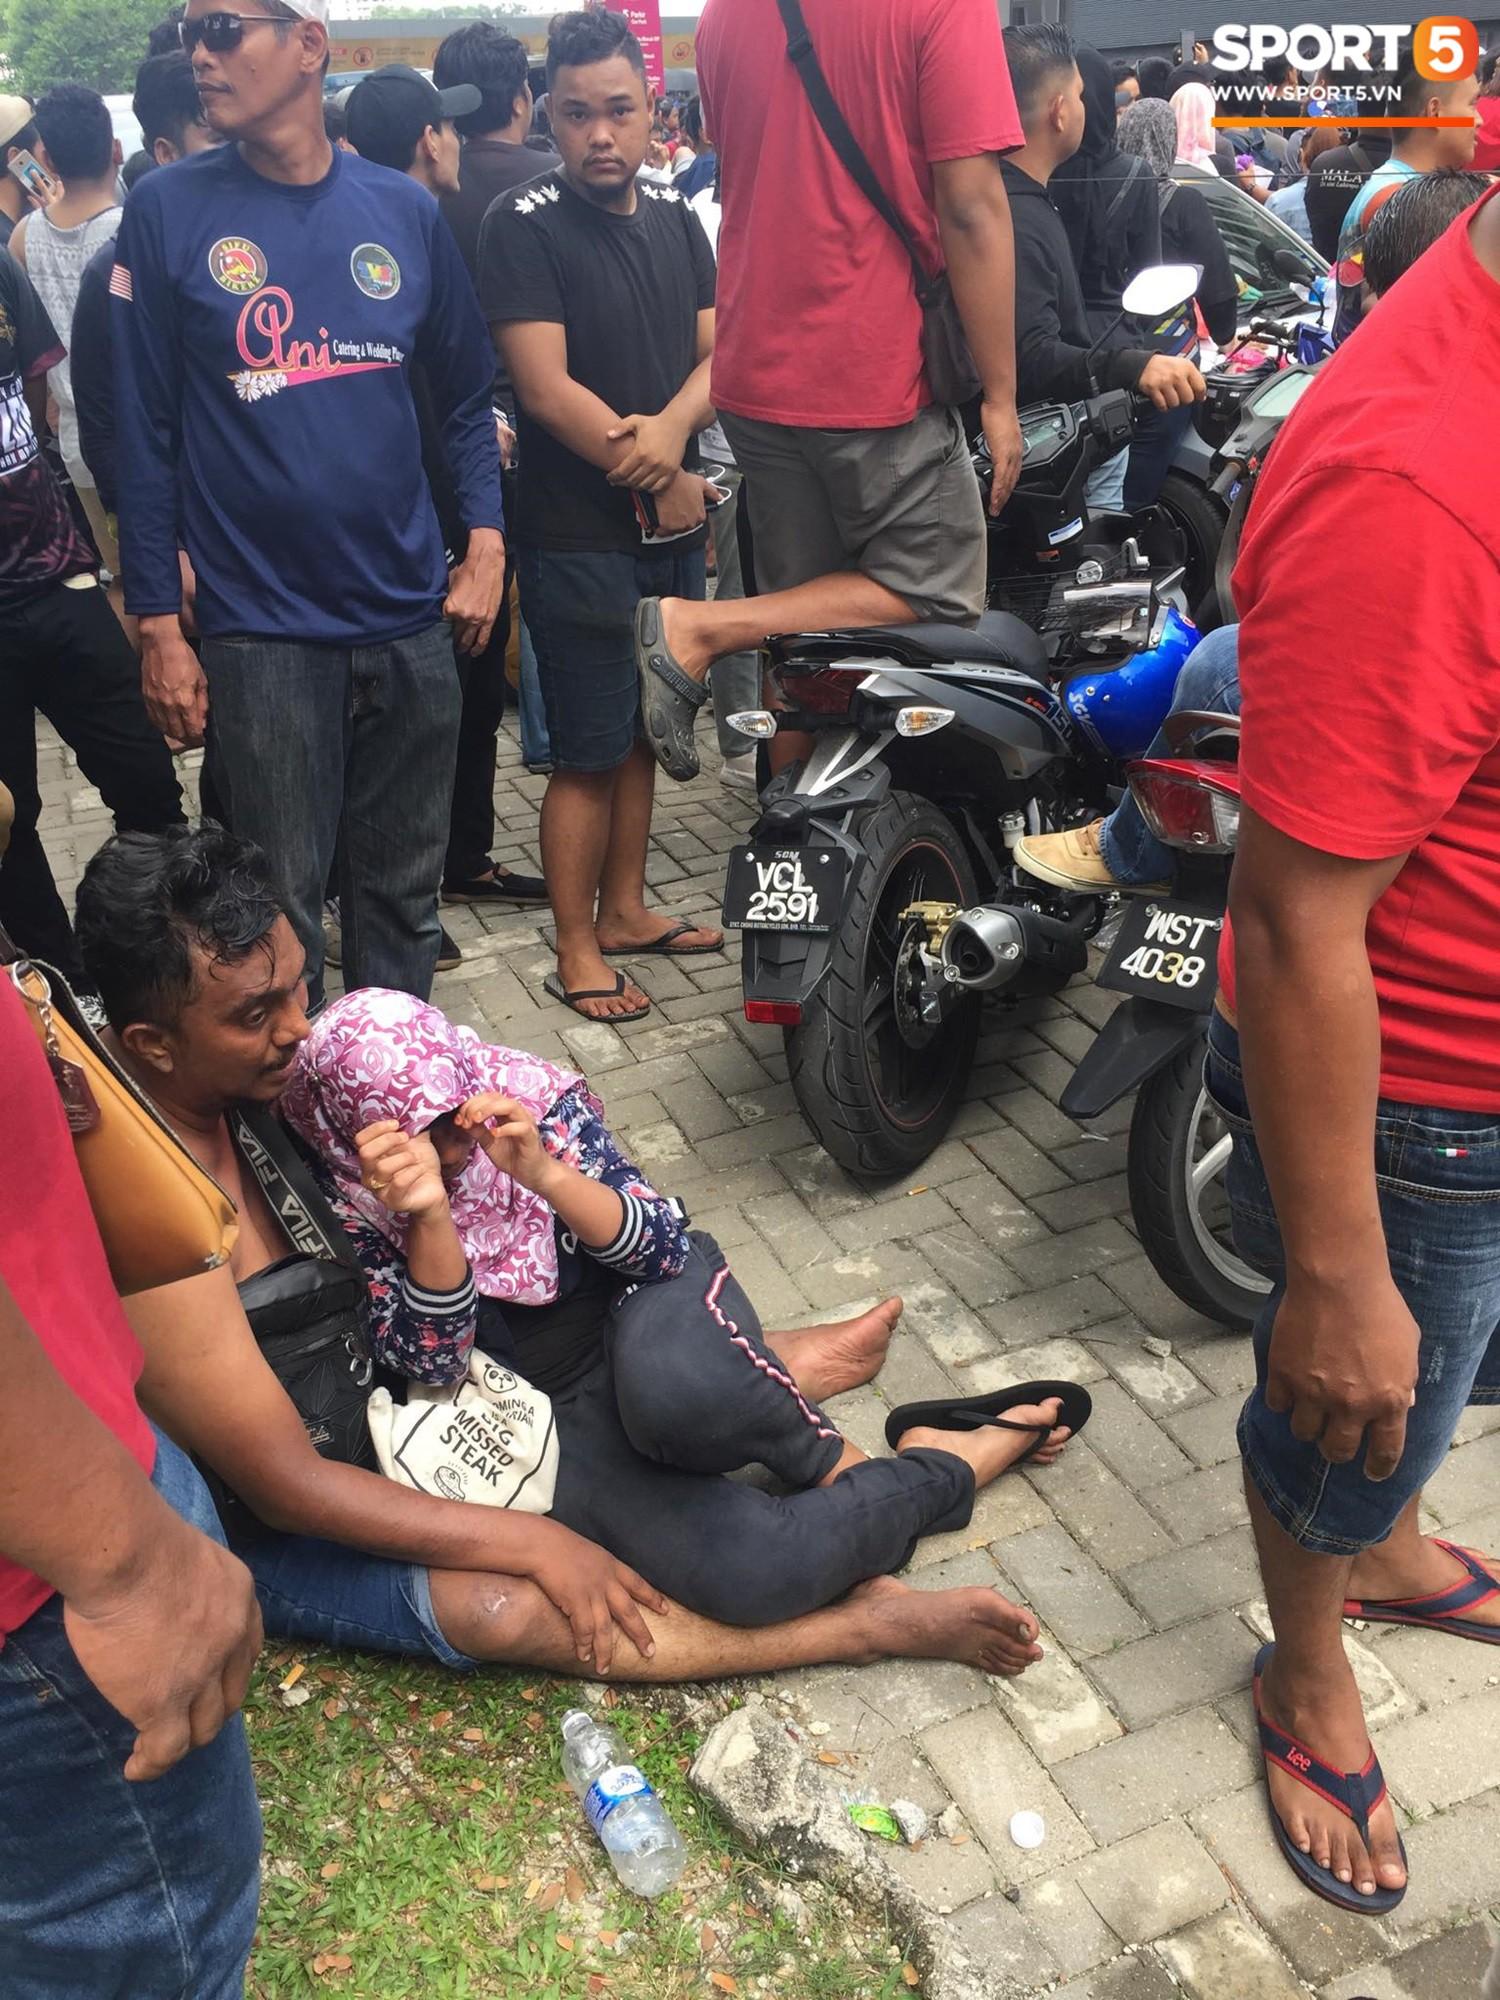 Kinh hoàng cảnh mua vé xem chung kết AFF Cup tại Malaysia: Nhiều người kiệt sức, nằm la liệt bên đường 6